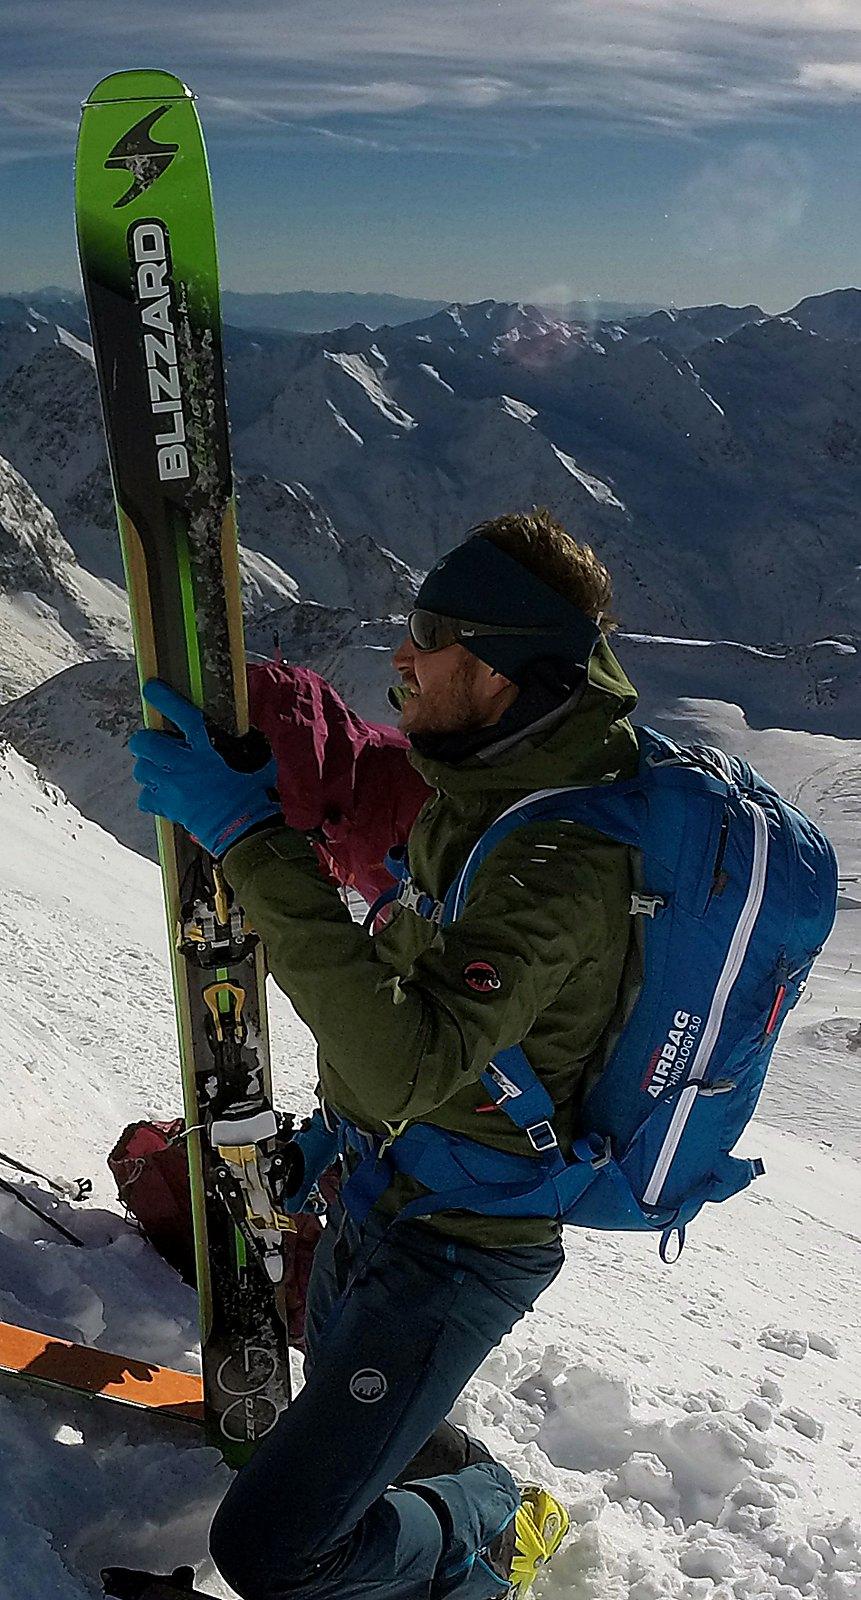 Schaufelspitze (3.333m), Stubaier Gletscher, 30.11.2016